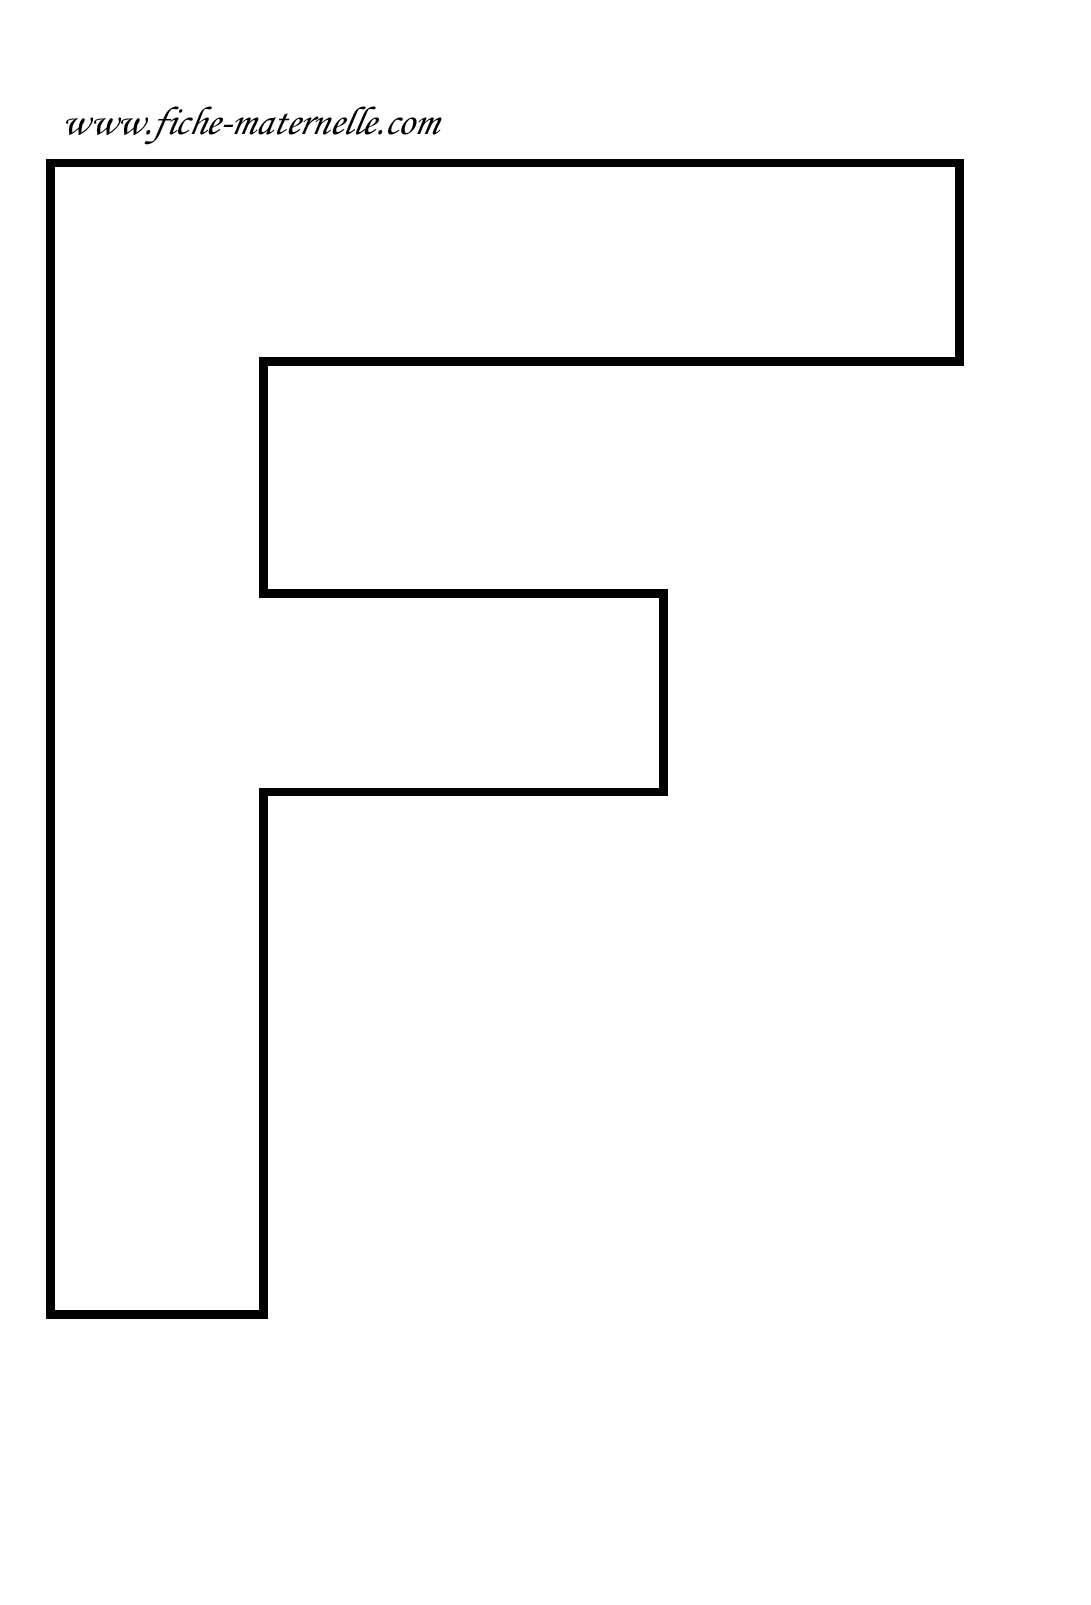 Lettre de l 39 alphabet d corer letras lettering - Lettres de l alphabet a decorer ...